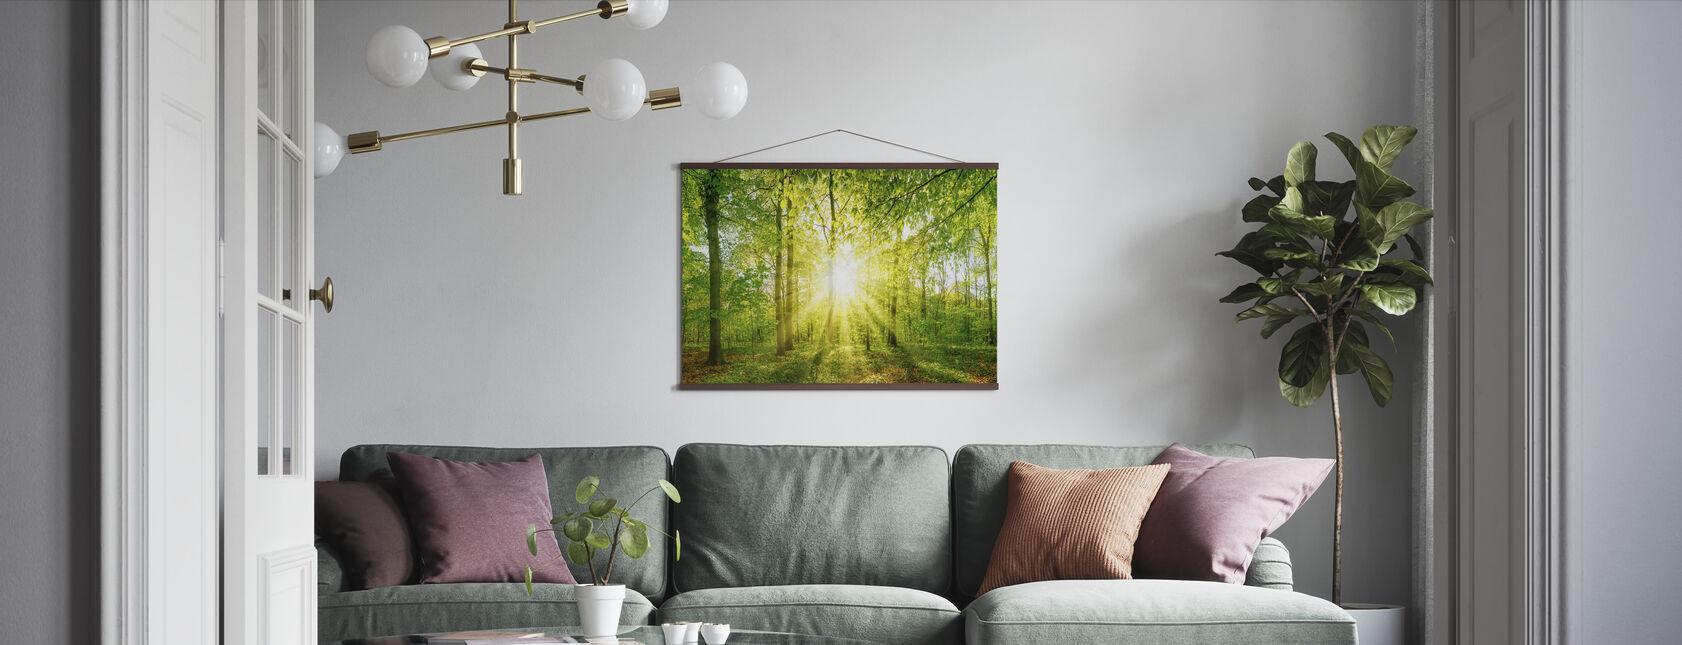 Sonnenlicht im Wald - Poster - Wohnzimmer